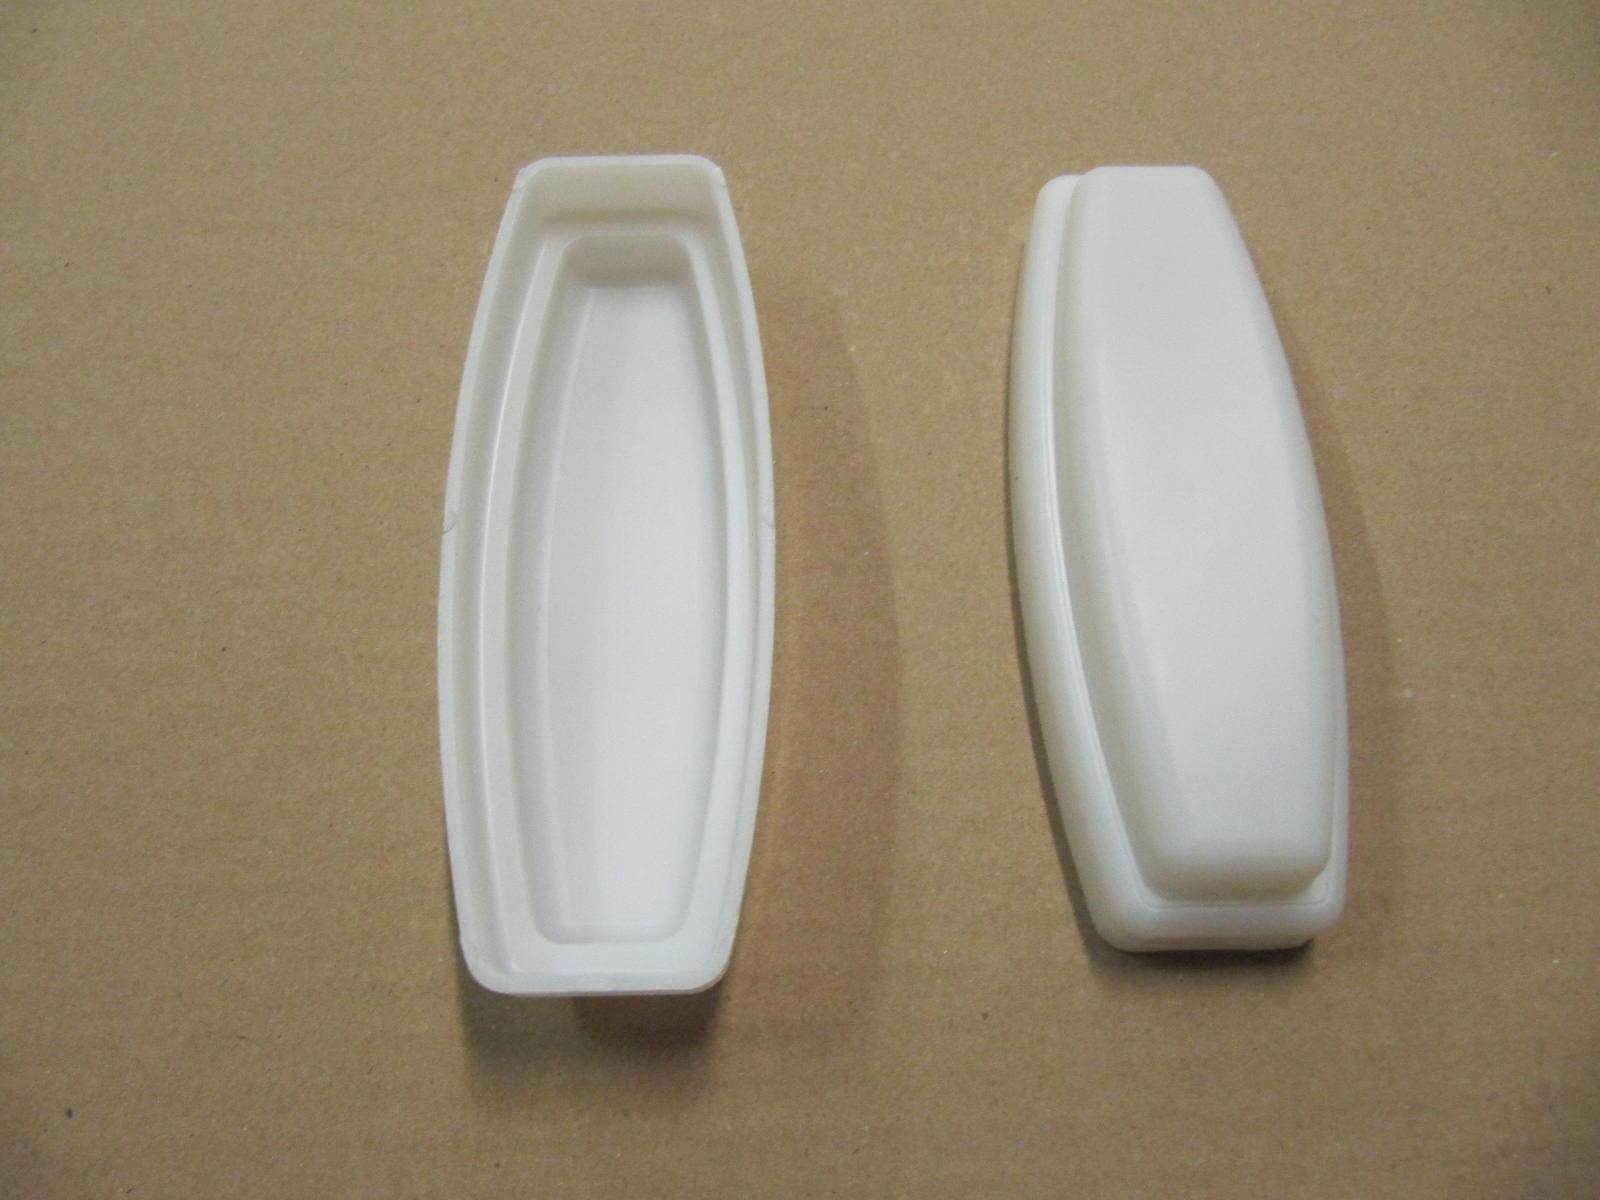 CAV1134 - PLASTICA PLAFONIERA INTERNA